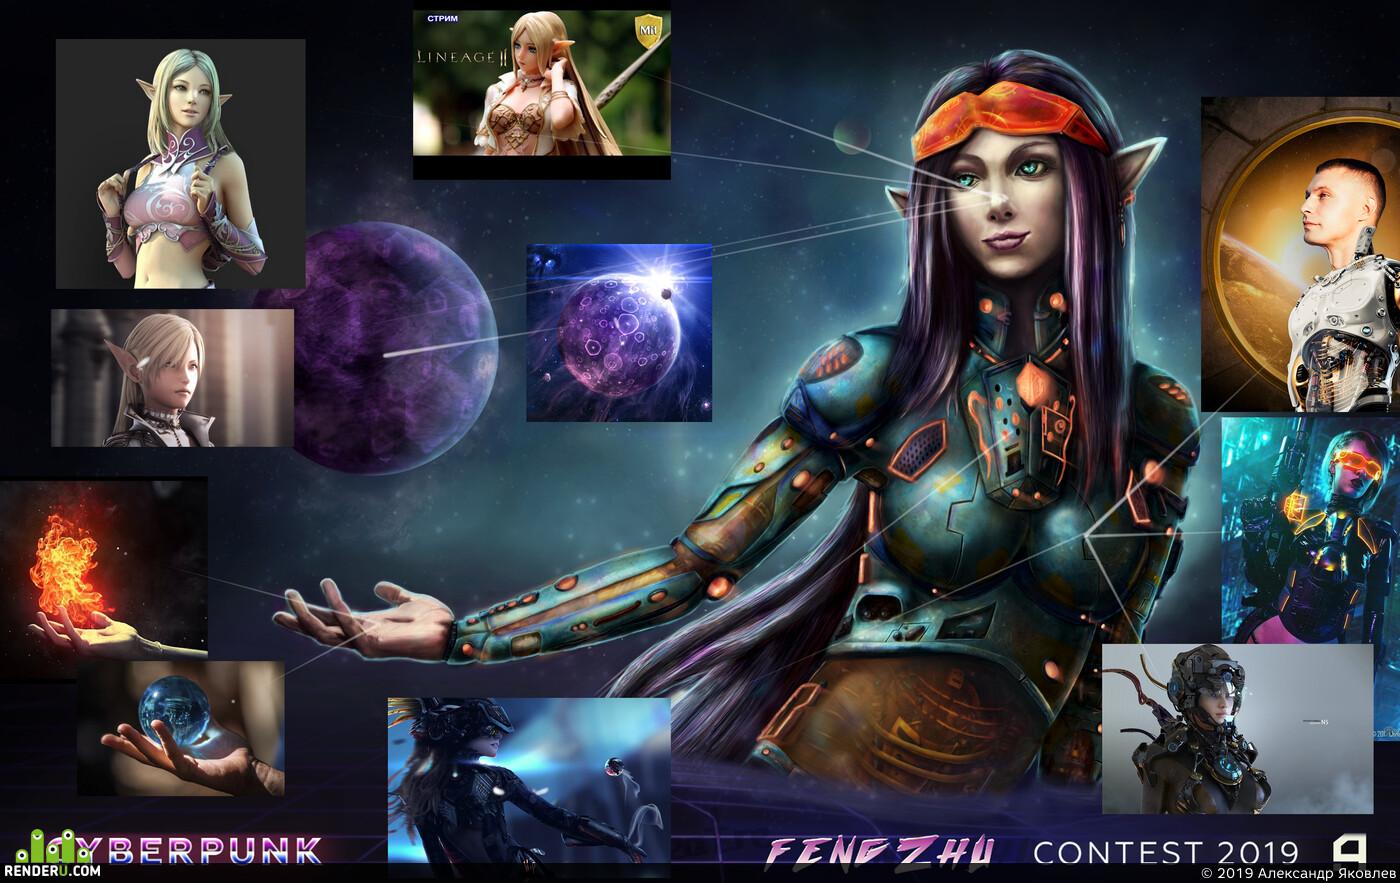 Cyberpunk 2077, ArtilleryFengCyberpunk